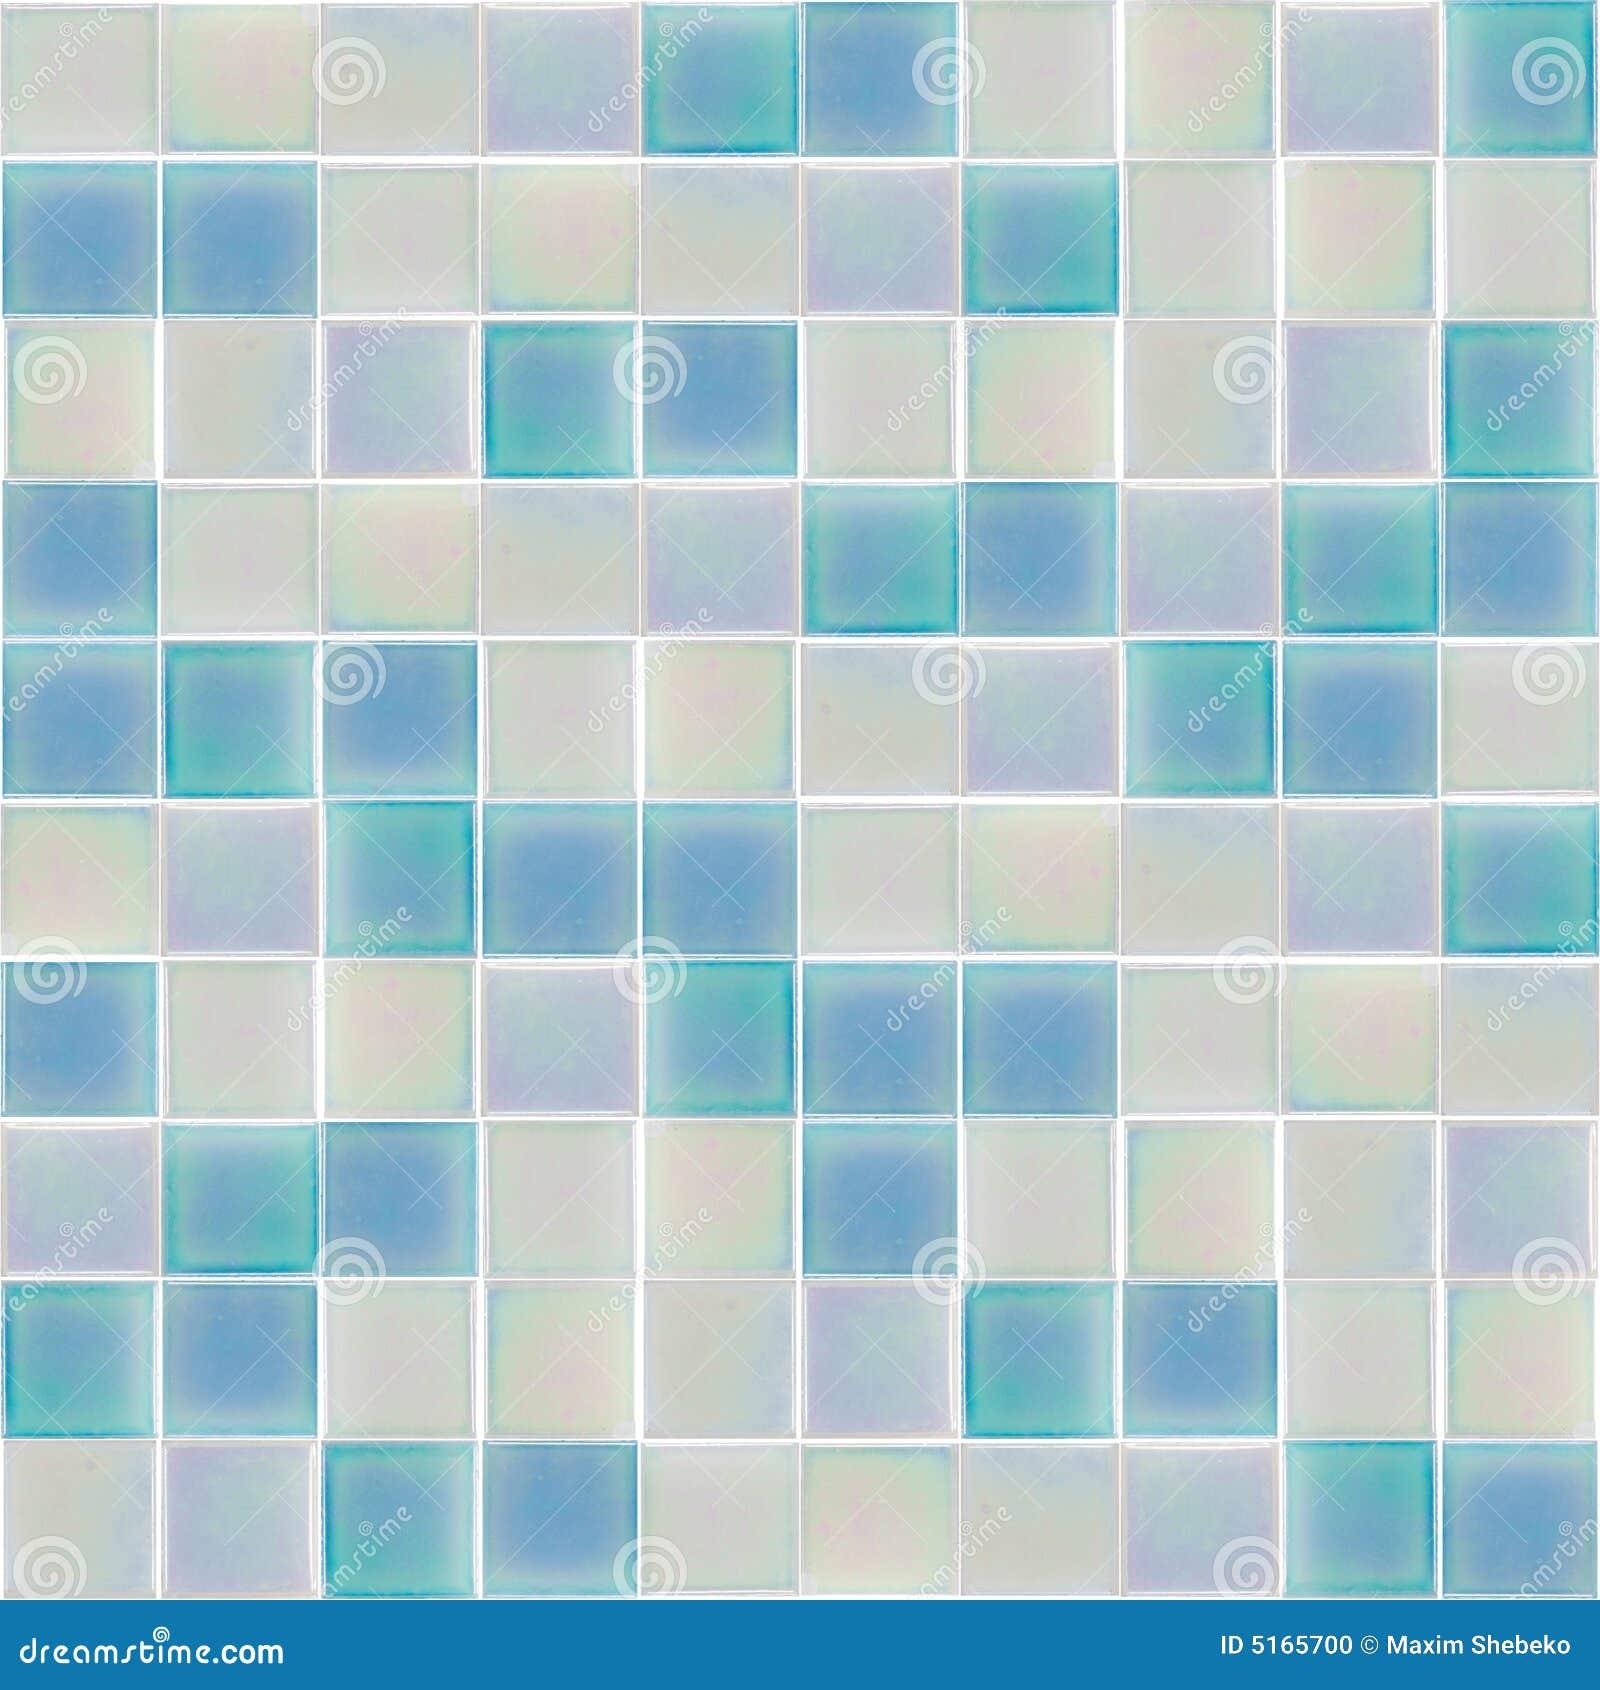 Azulejos de cristal interiores azules foto de archivo - Fotos de azulejos ...